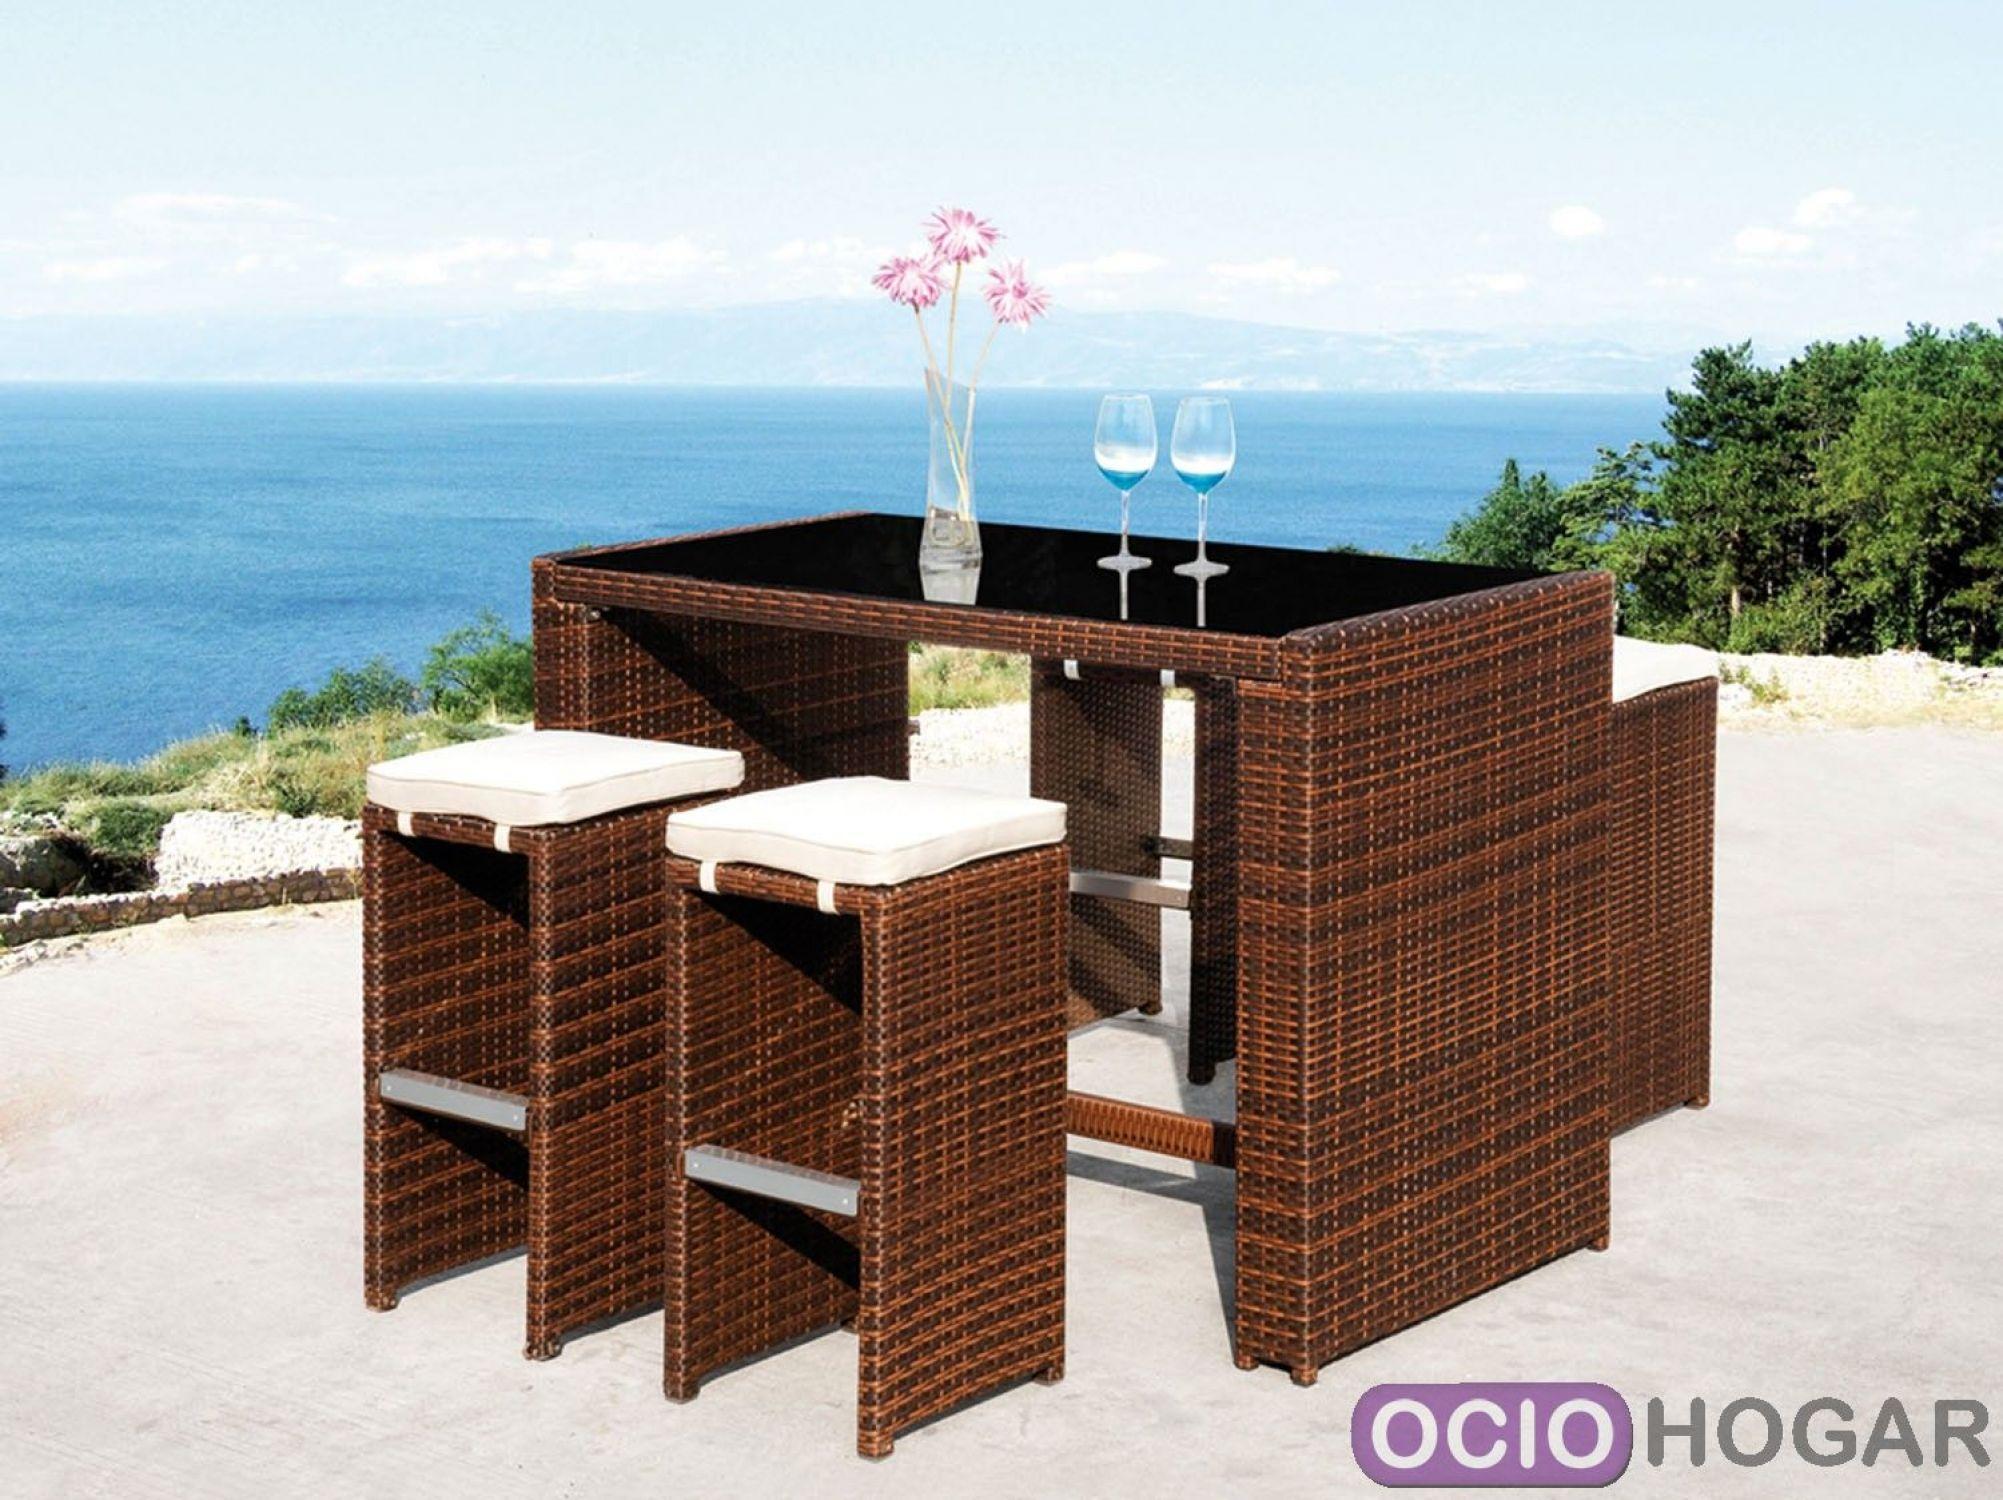 Set de bar cheers mesa alta y taburetes de majestic garden for Barras de bar para jardin